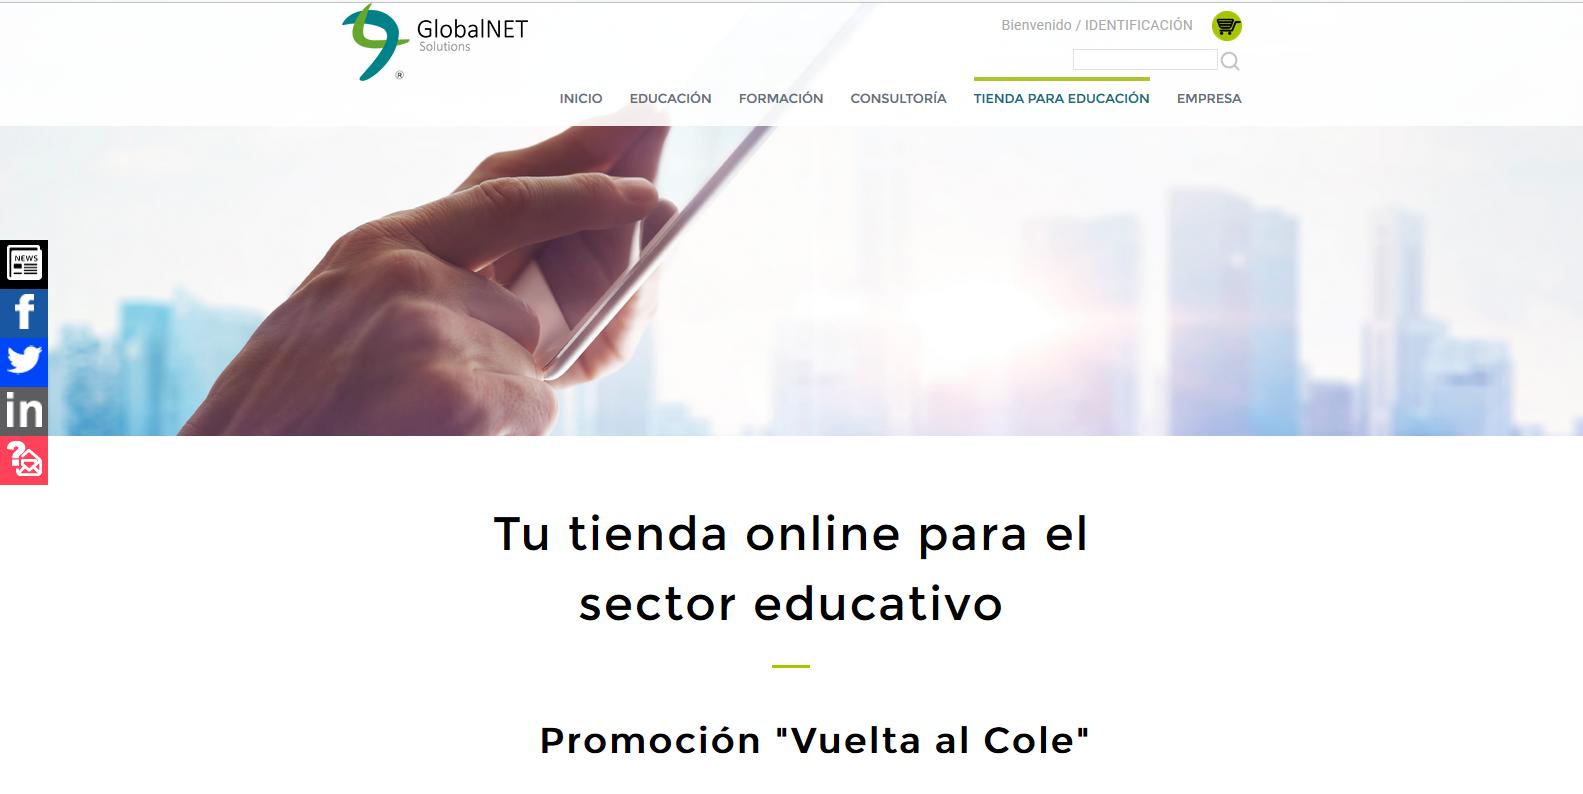 tienda online de GlobalNET